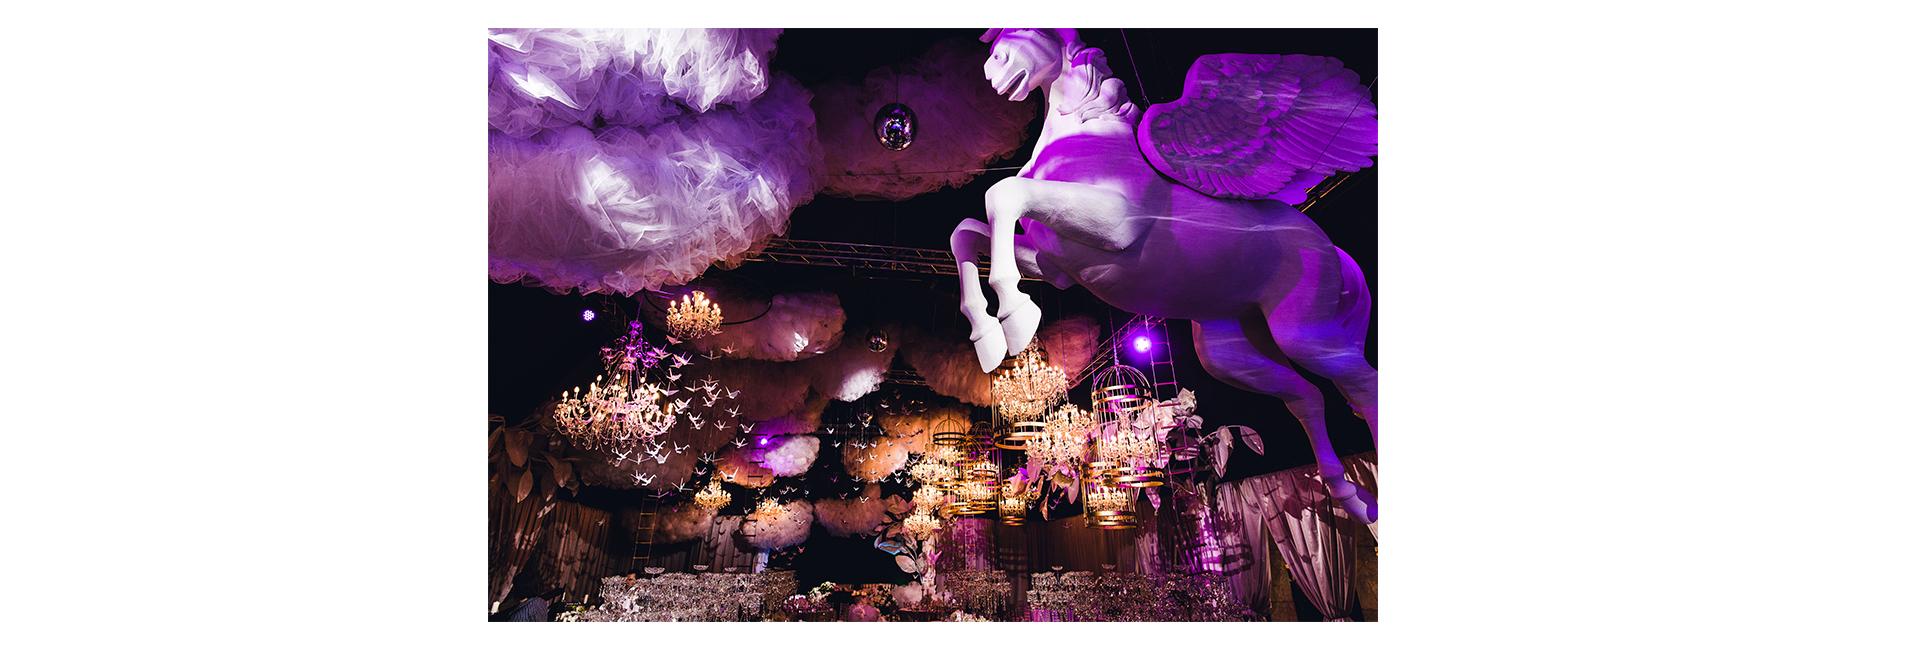 Свадьба мечты: плюсы, минусы и подводные камни (фото 3)